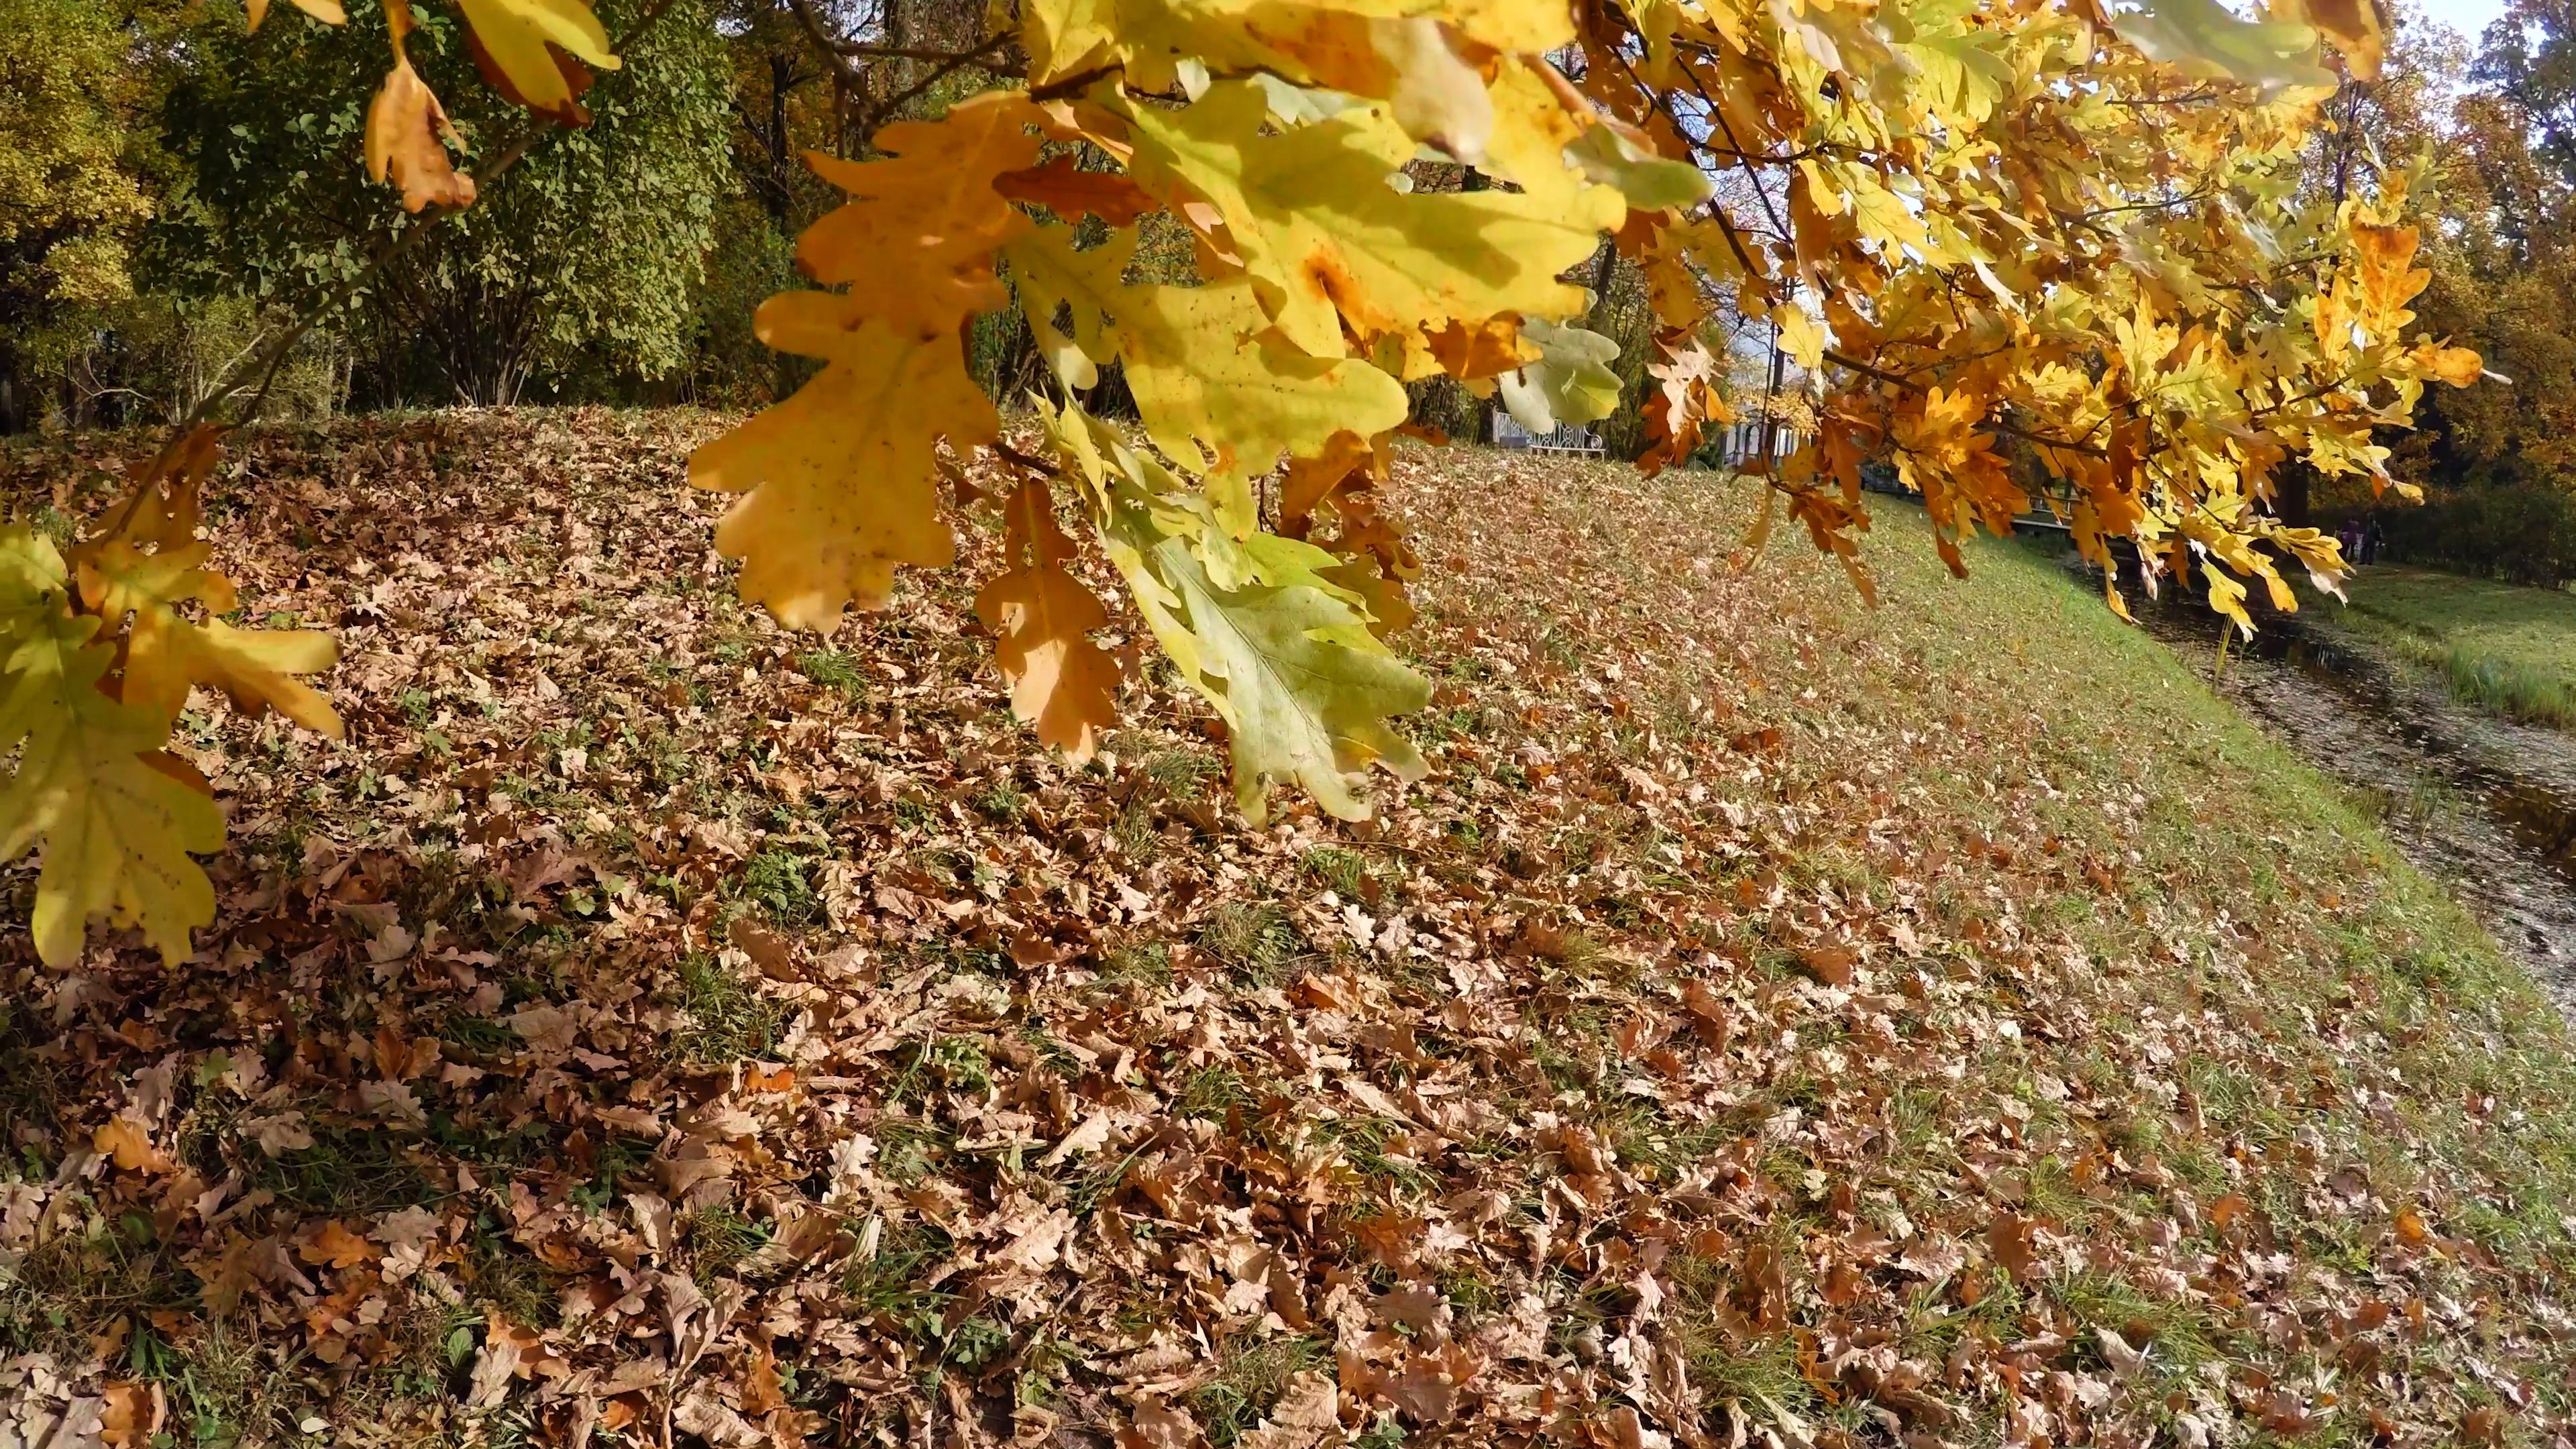 Yellow oak leaves. 4K. Stock Video Footage - VideoBlocks